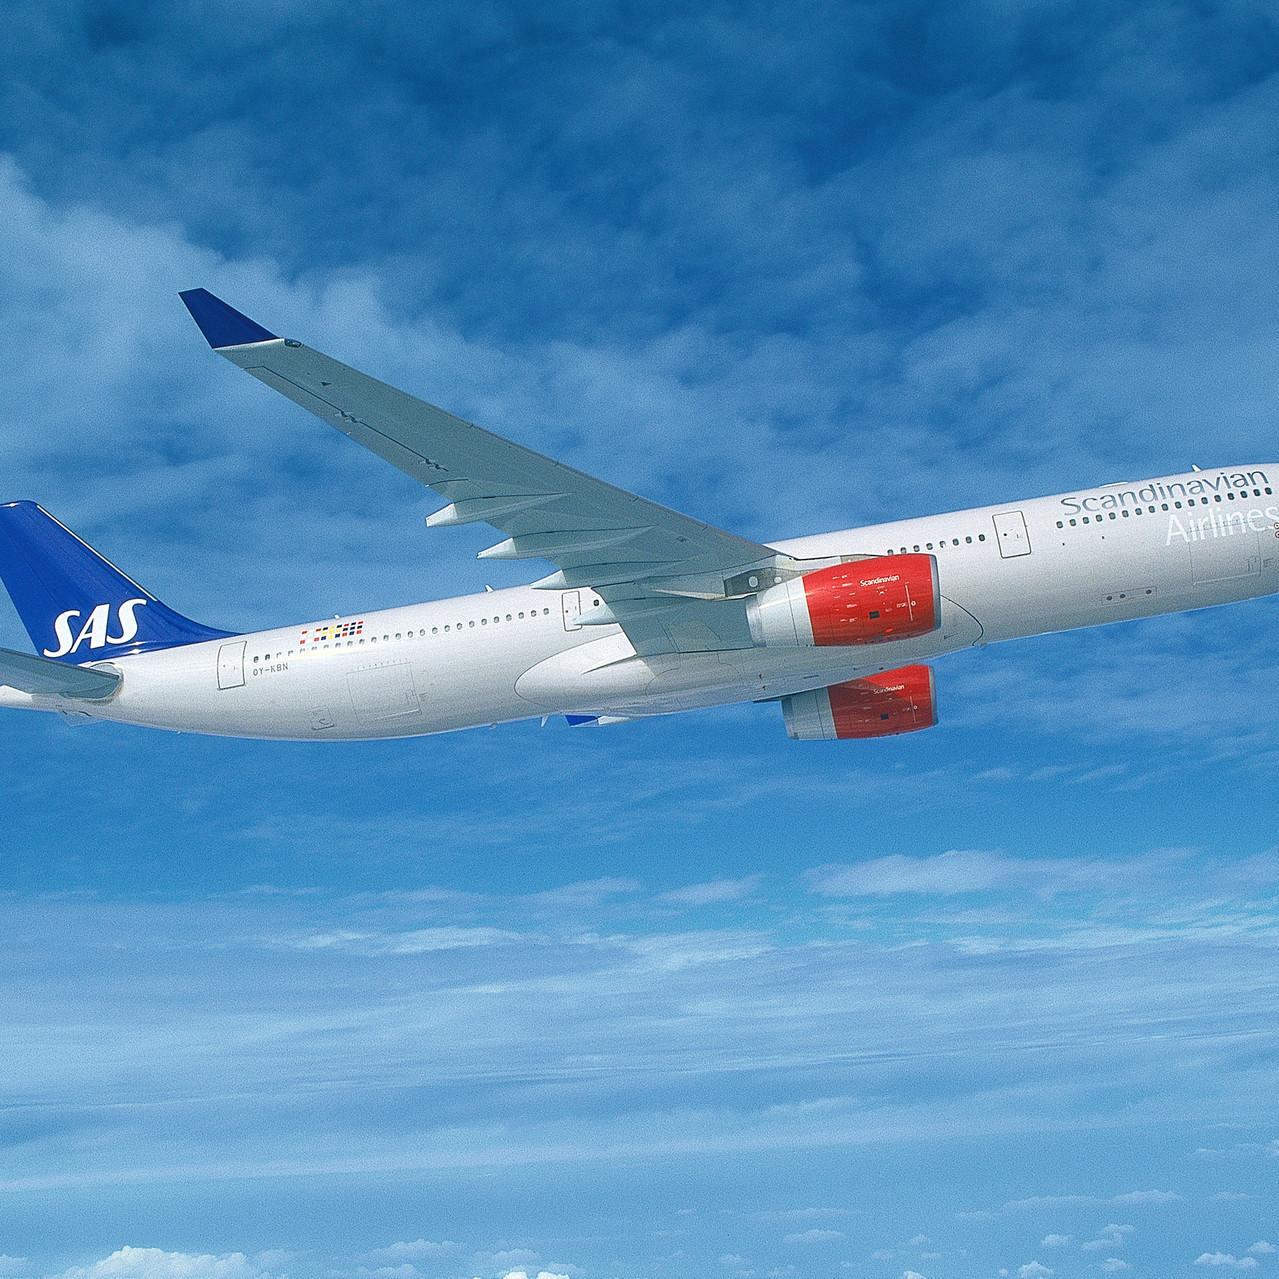 008_A340_image-SAS